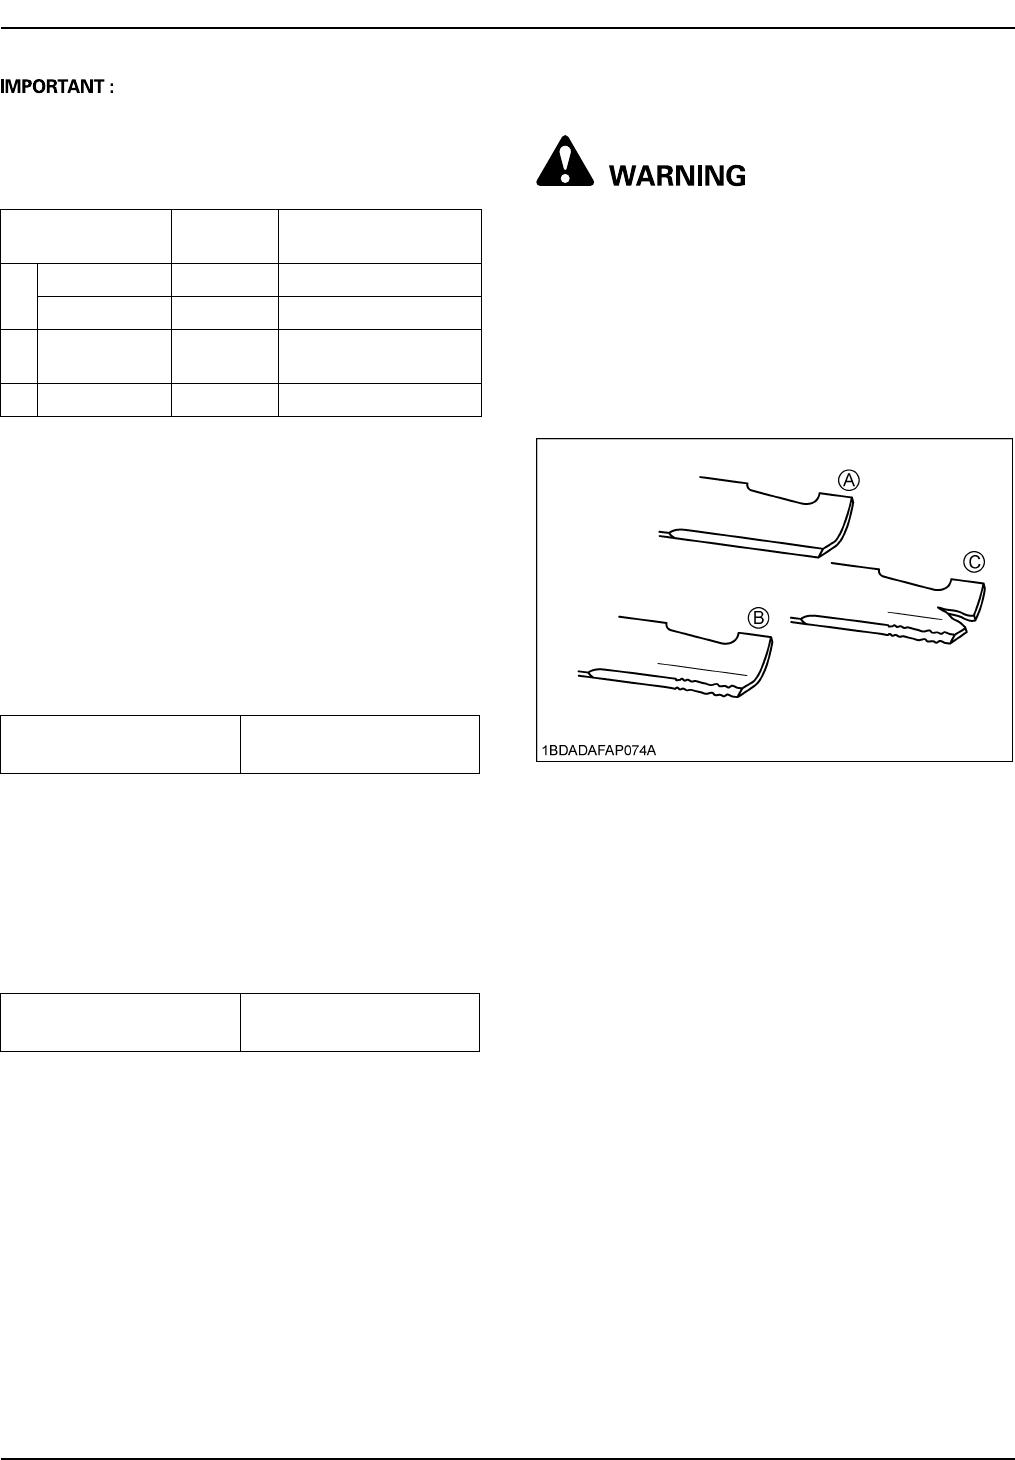 Fabulous Handleiding Kubota T1880 Pagina 68 Van 78 English Wiring Cloud Hisonuggs Outletorg